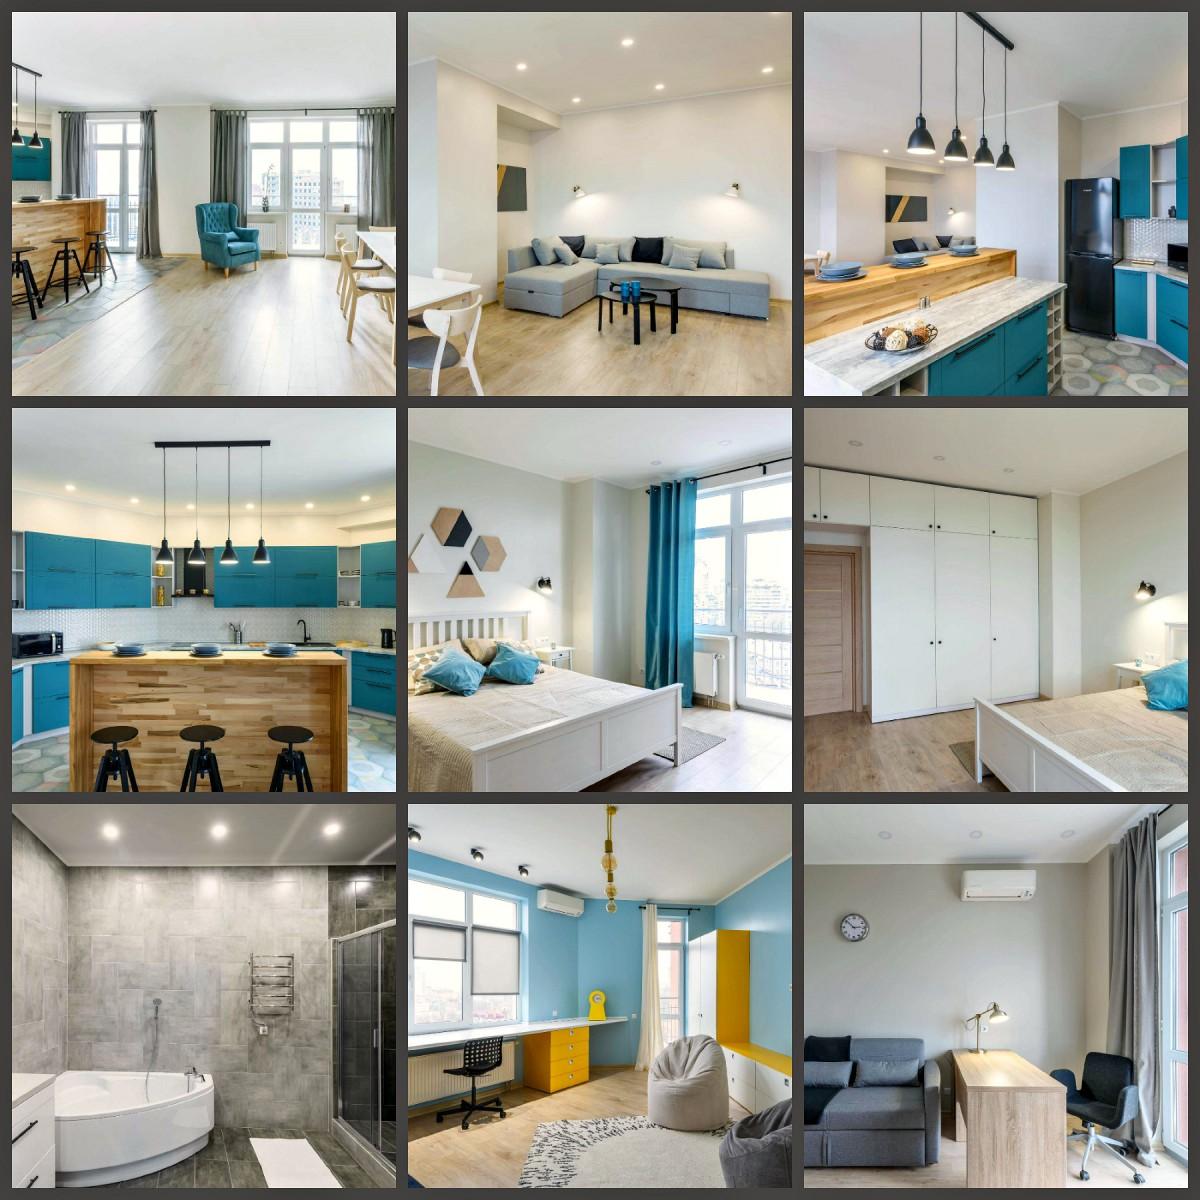 Без комиссии Продам, сдам 4 комн кварт 18 этаж 174м2, Тургеневская 44